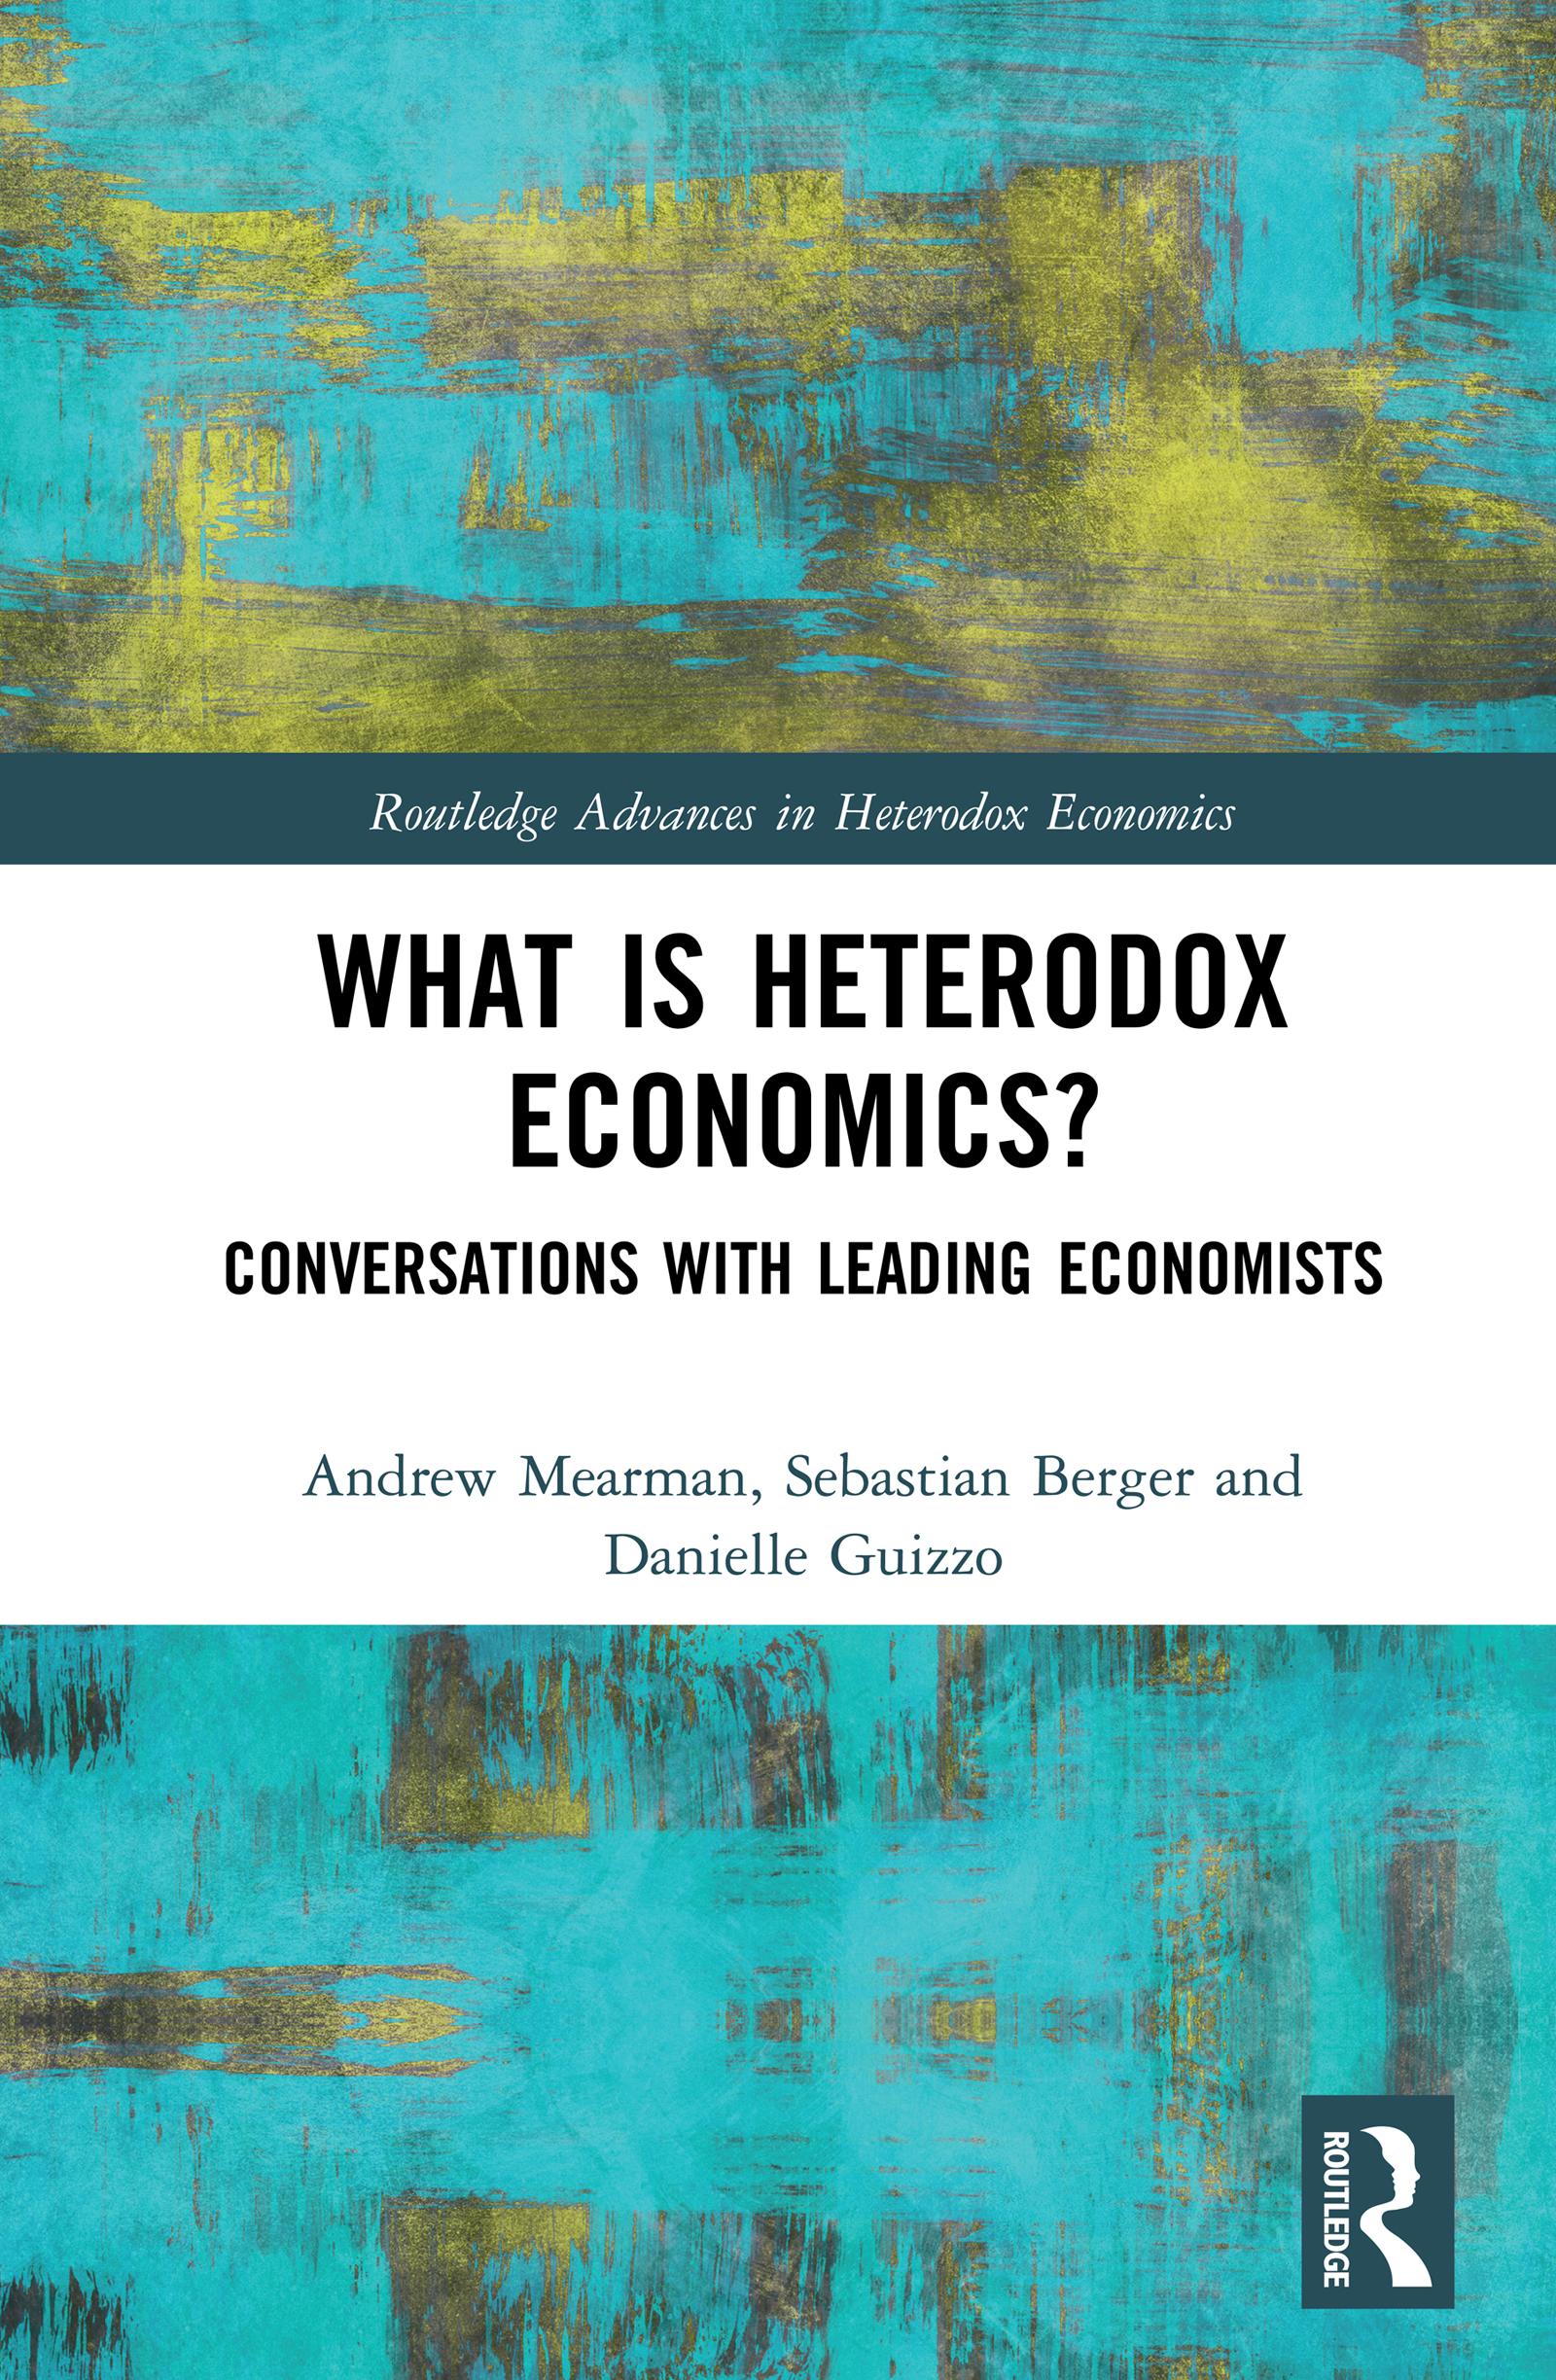 What is Heterodox Economics?